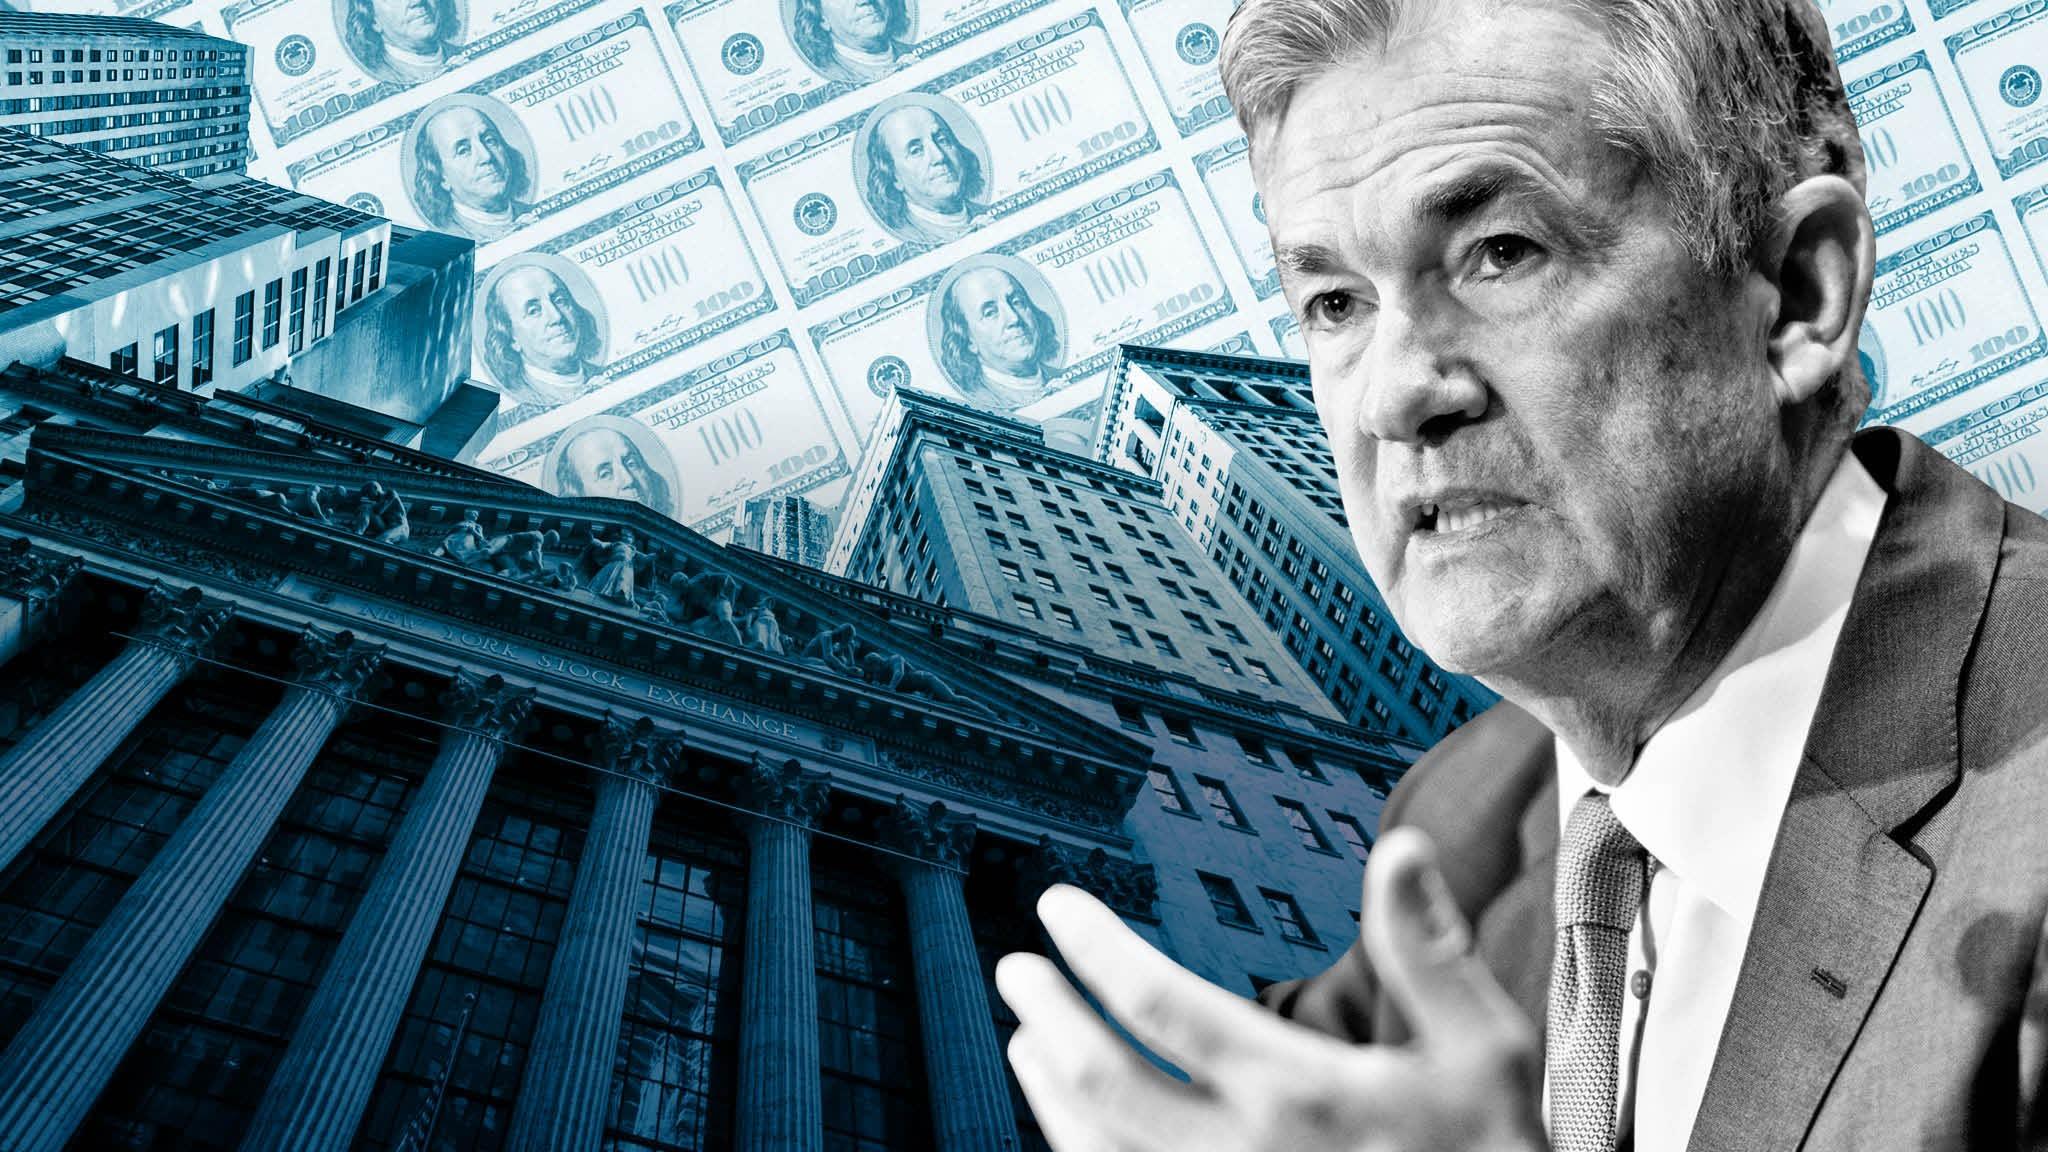 Lý do Fed sắp chấm dứt bữa tiệc trên Phố Wall và tác động vượt xa thị trường chứng khoán